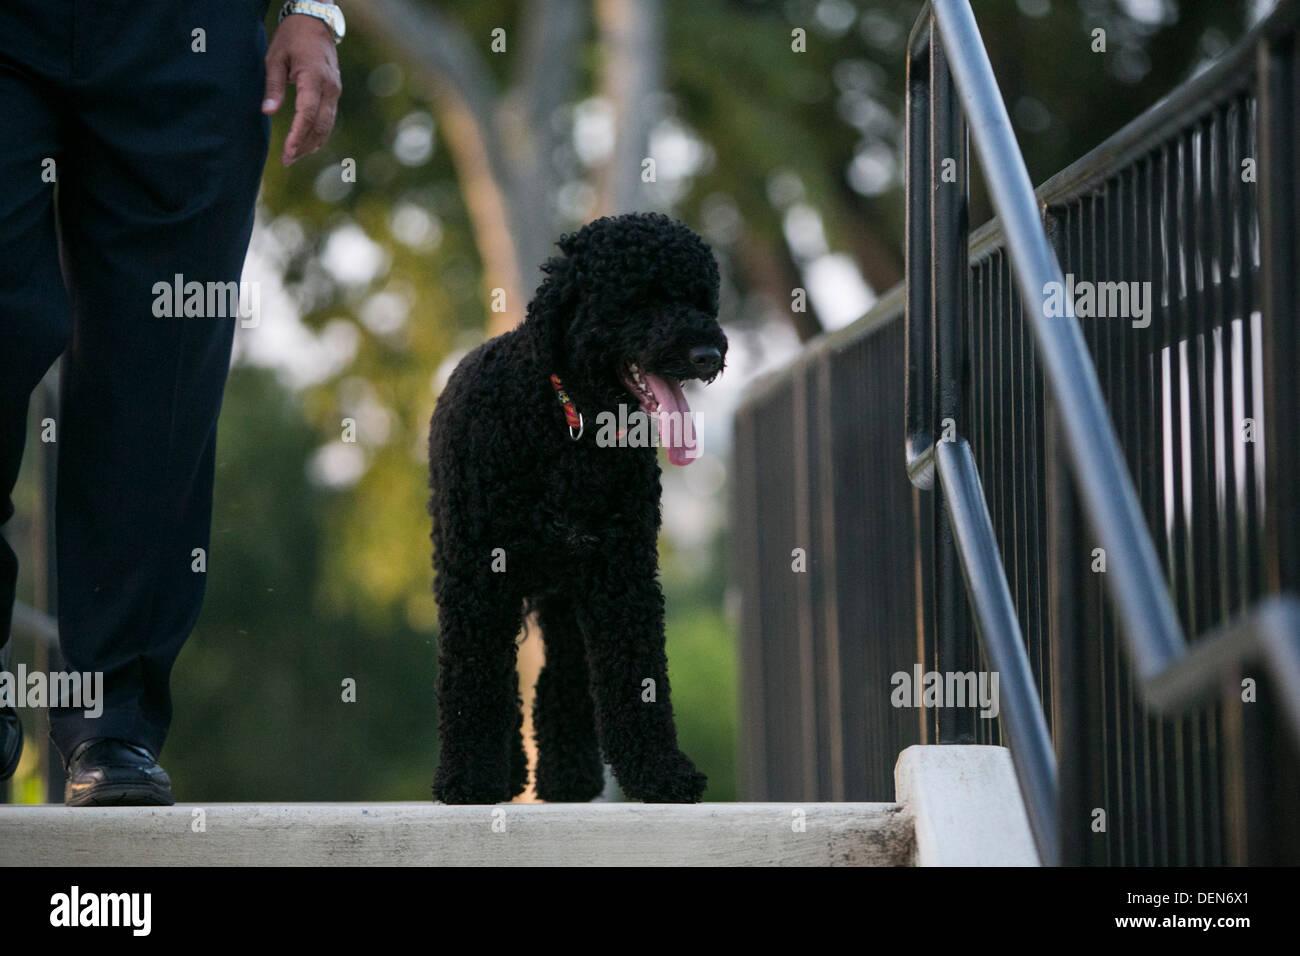 Presidential pet Sunny Obama. - Stock Image